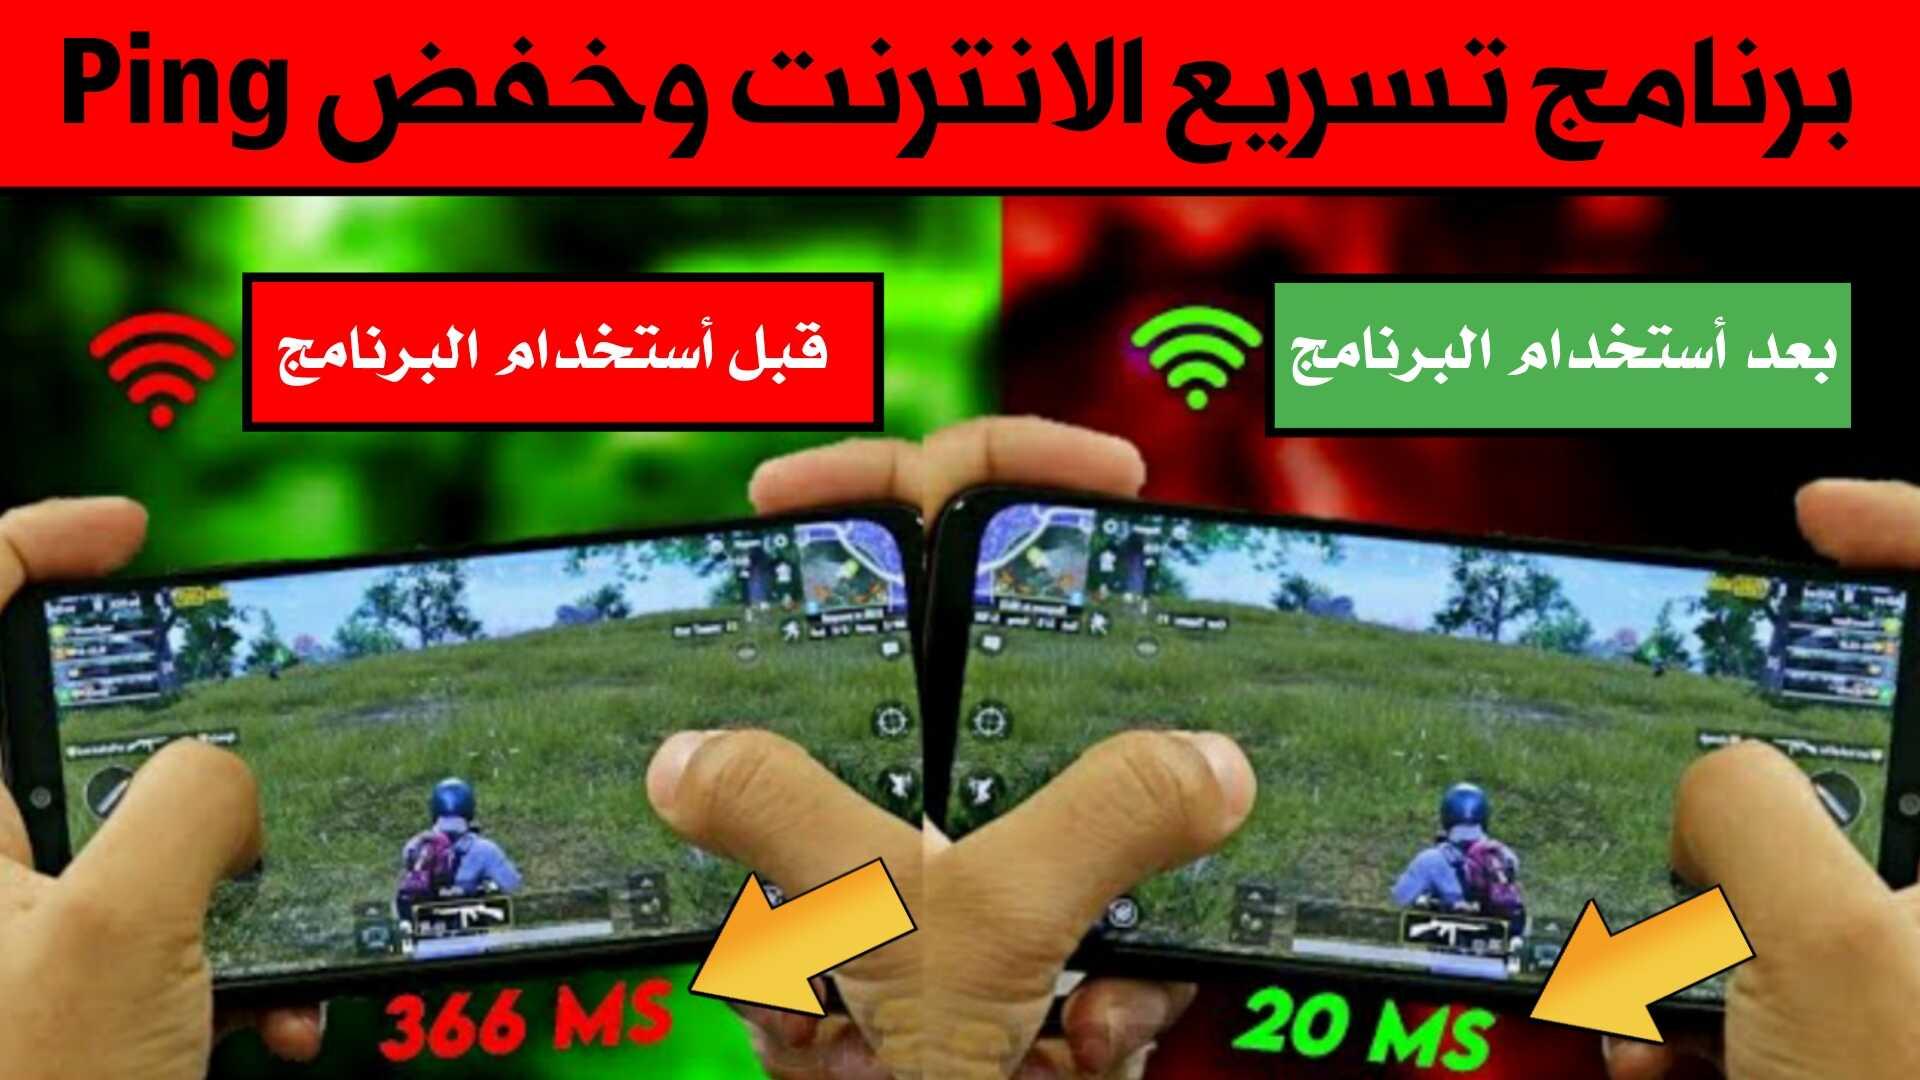 برنامج تسريع الانترنت وخفض Ping في Pubge Mobile للواي فاي وبيانات الهاتف 3G.4G